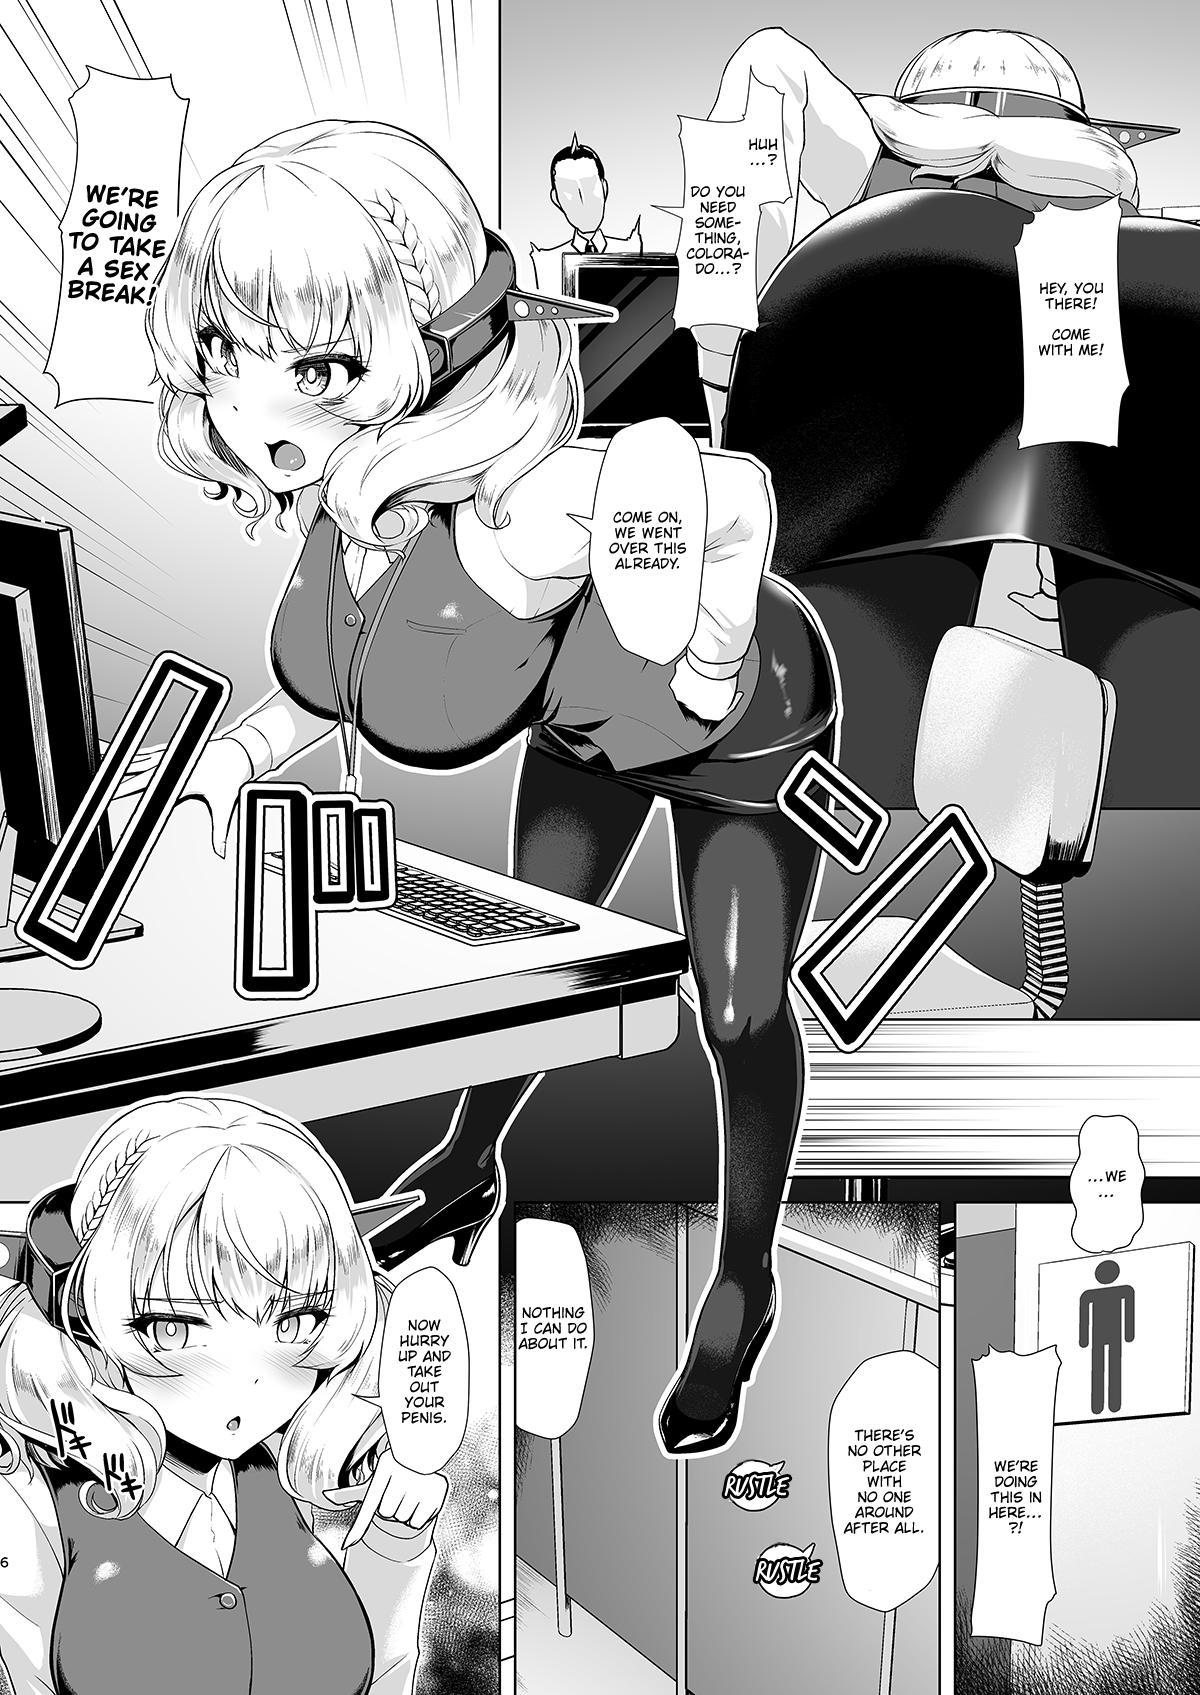 Kanmusu Shouji Colorado Hen | Ship Girl Business - Colorado Edition 4